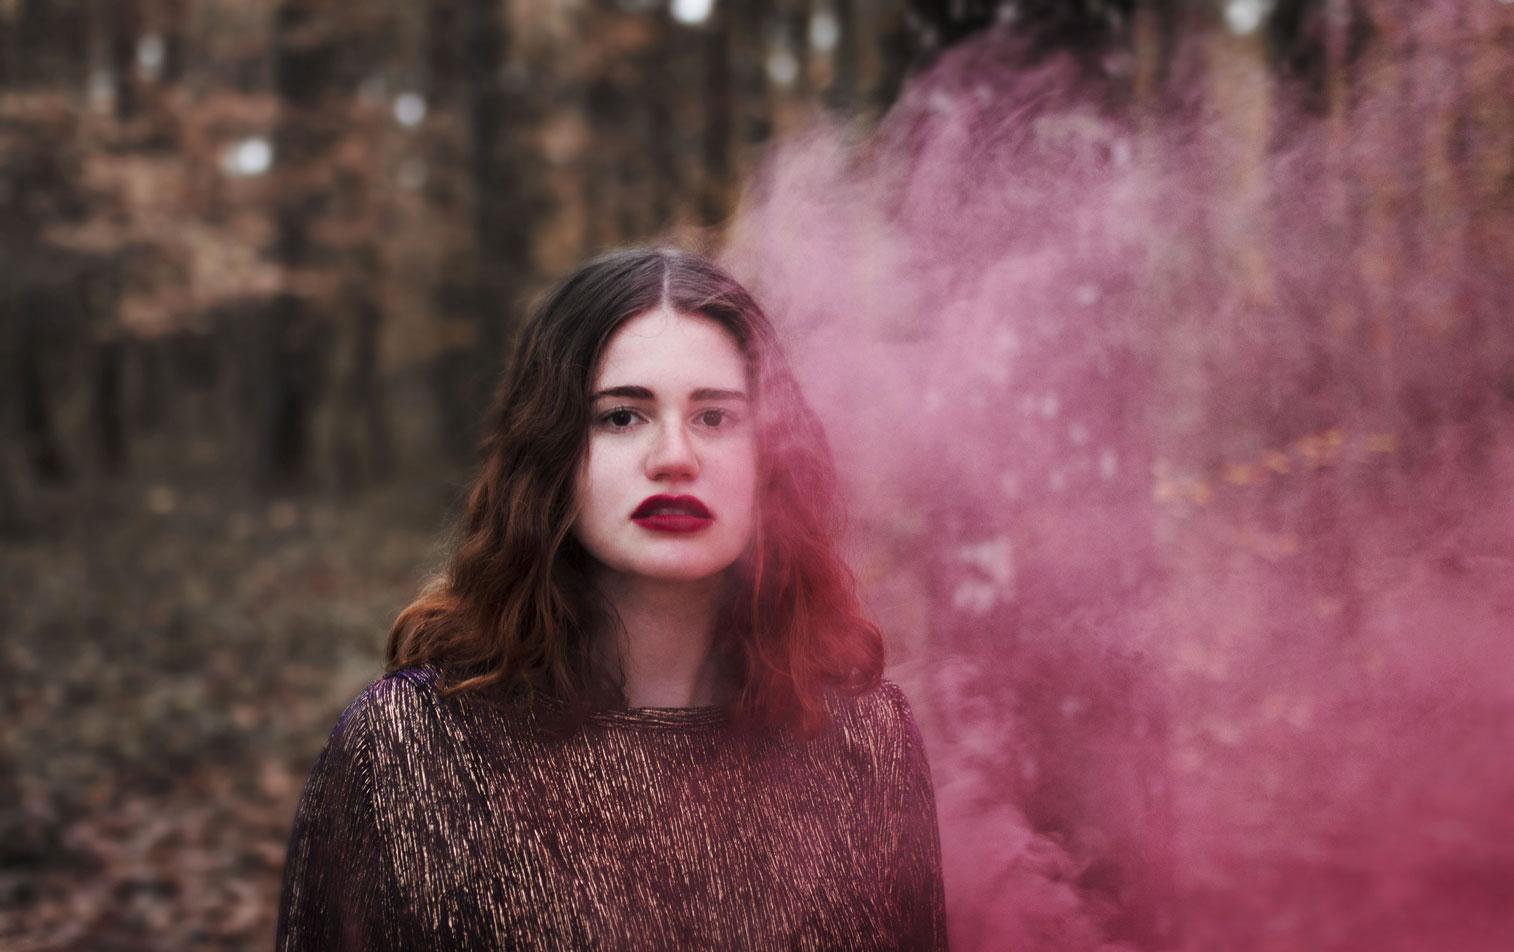 portrait d'une jeune fille rousse dans la foret à Tours, avec un fumigène rose.